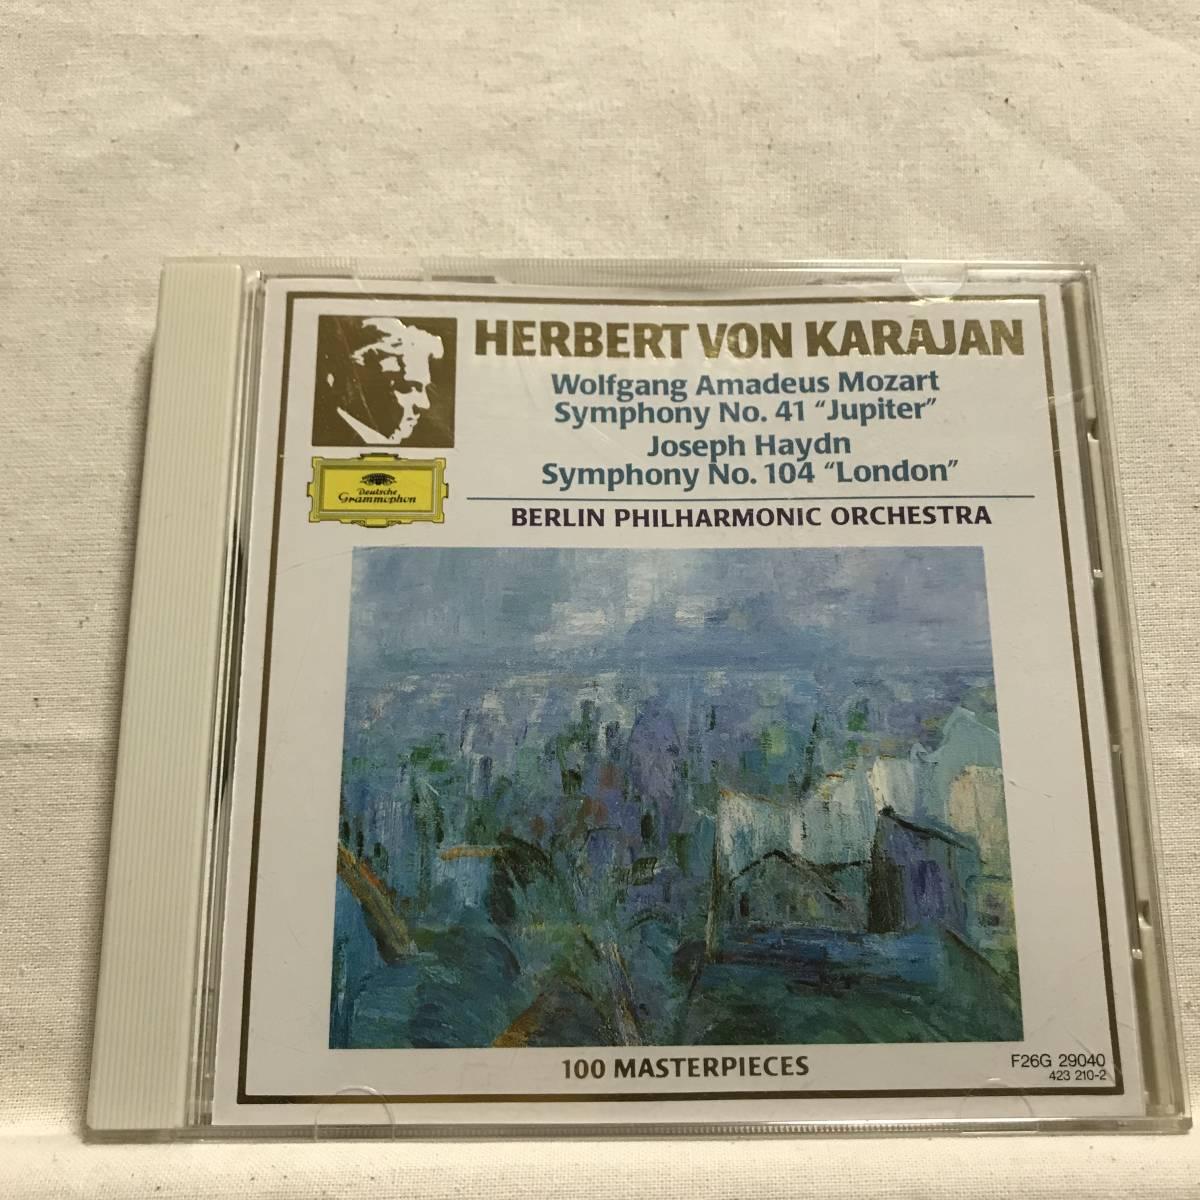 カラヤン / モーツァルト:交響曲 第41番《ジュピター》&ハイドン:交響曲 第104番《ロンドン》●DG 国内 _画像1